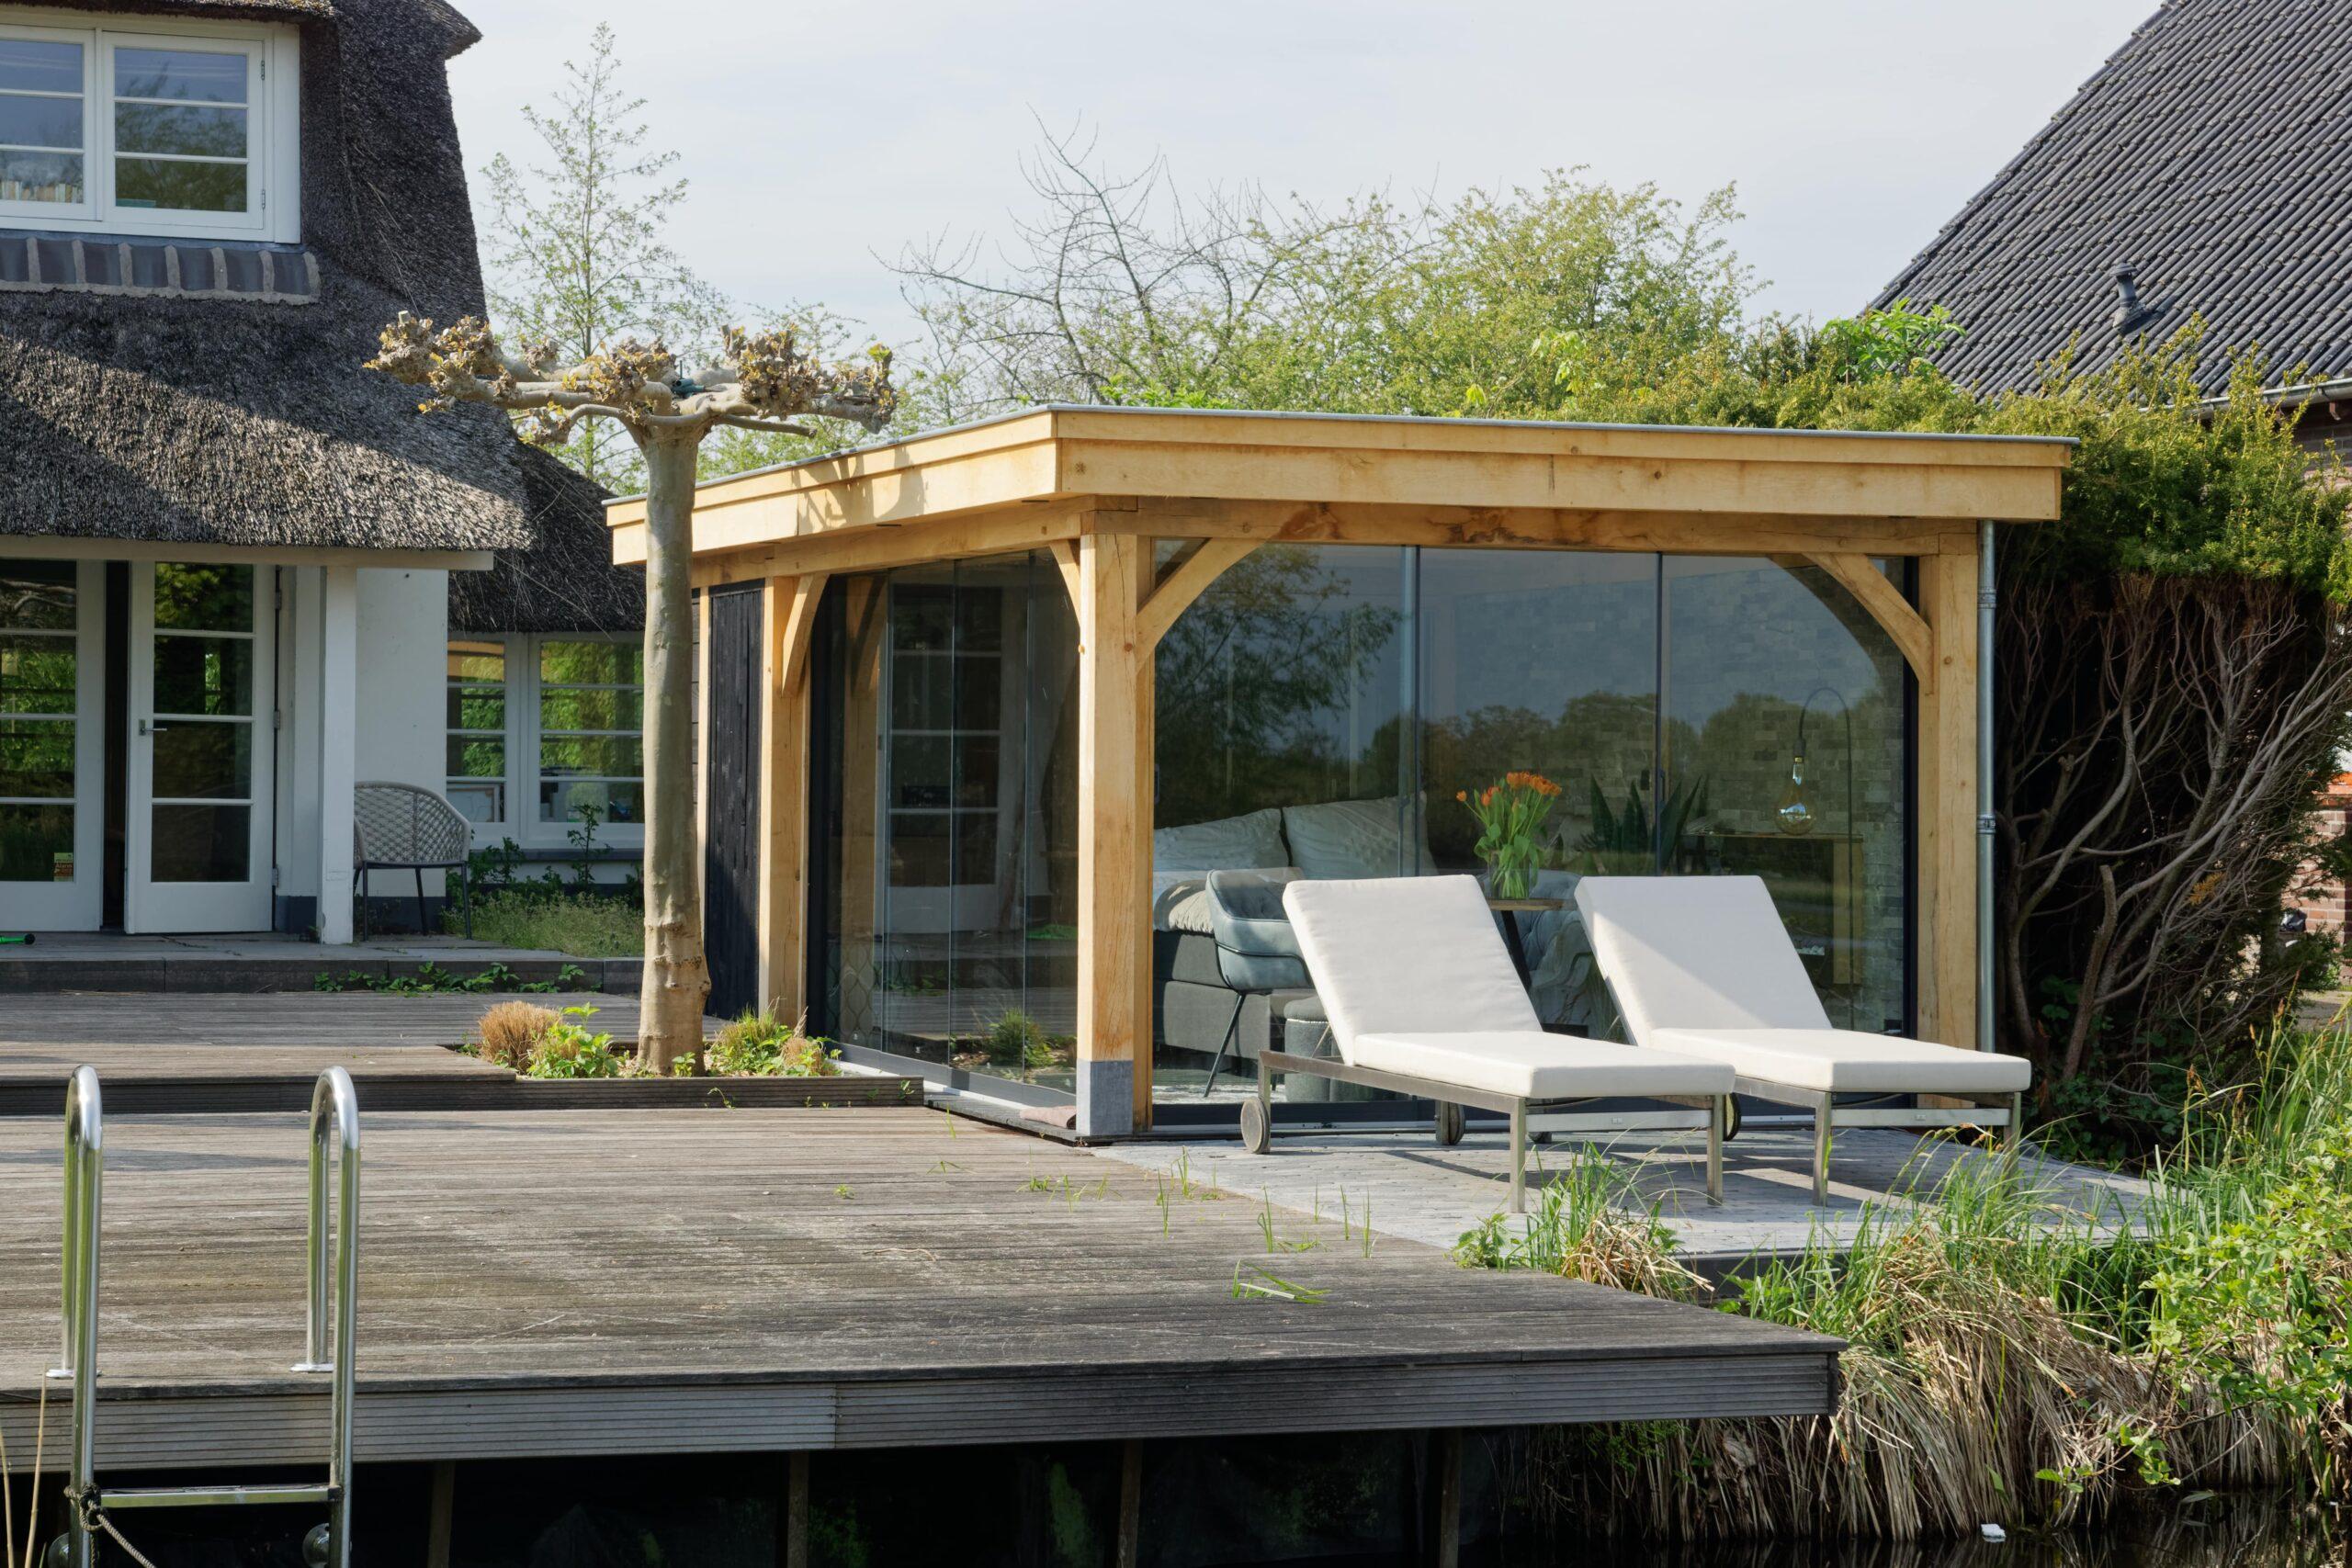 Luxe-tuinkamer-aan-het-water-15-scaled - Project Kortenhoef: Luxe tuinkamer aan het water